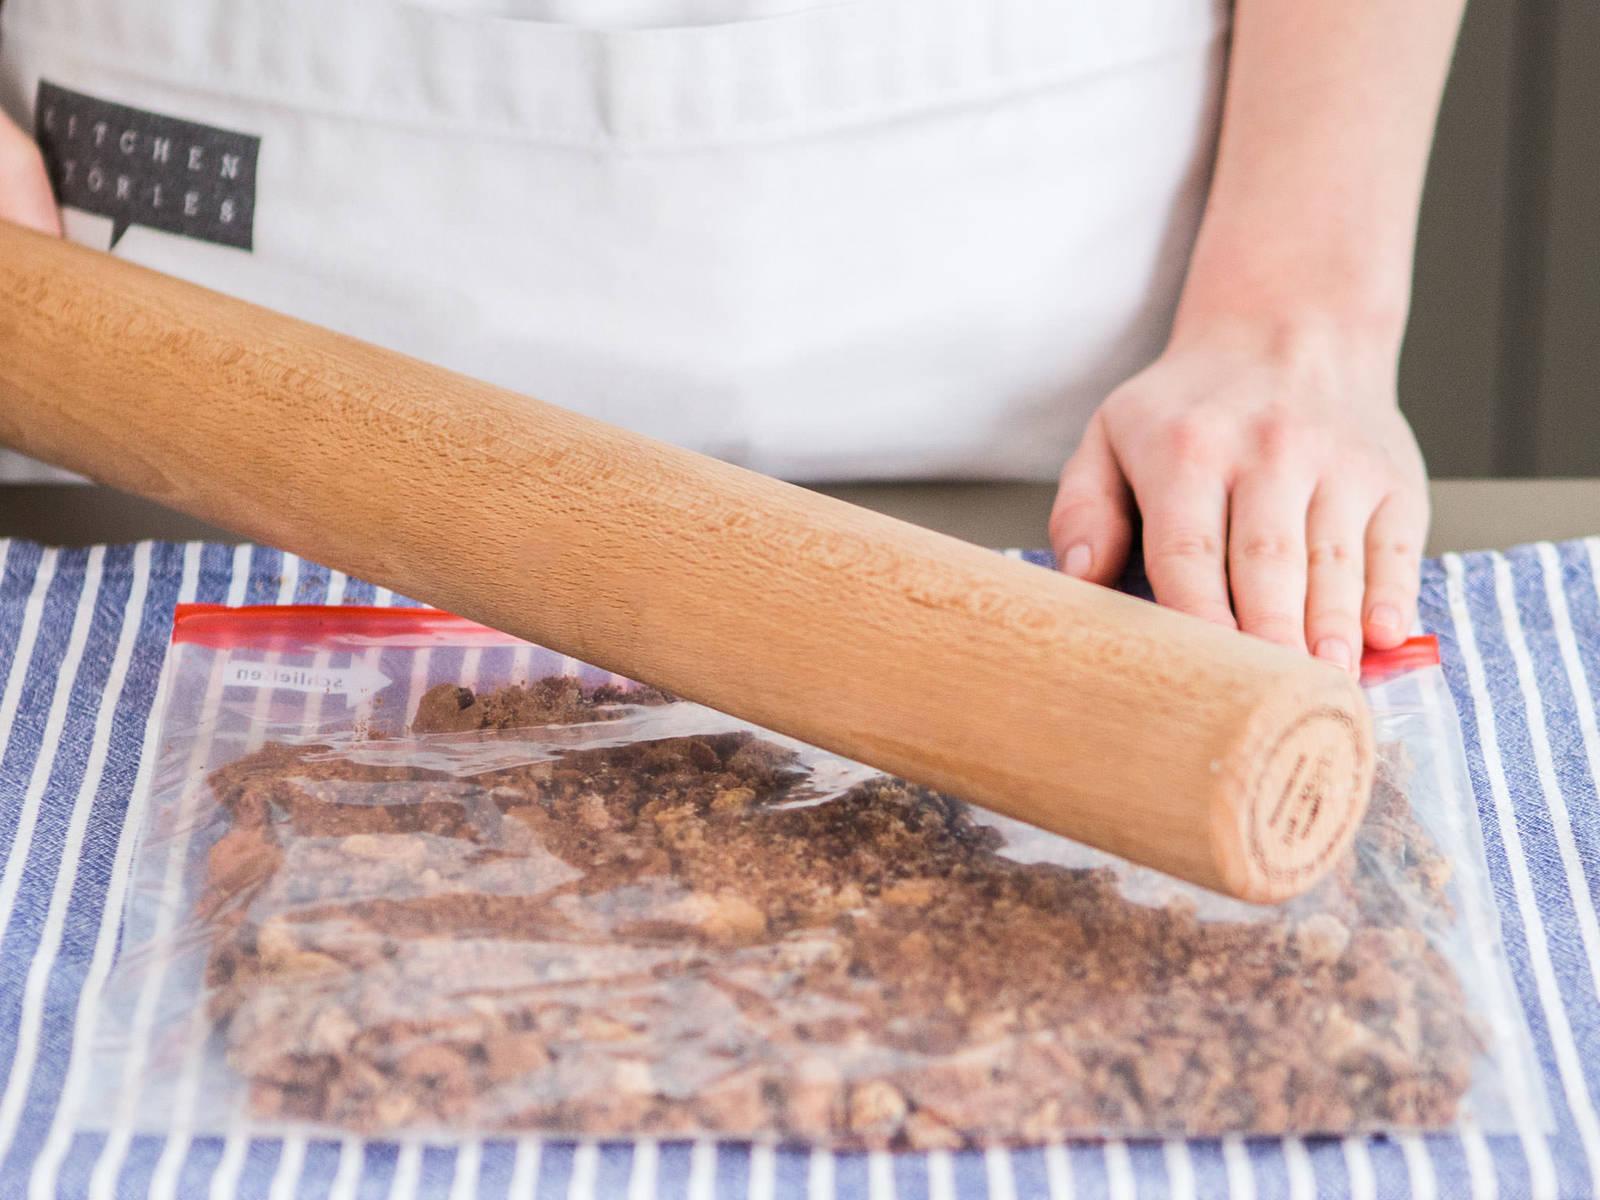 Cookies in einem Gefrierbeutel geben. Beutel gut verschließen und Cookies anschließend mit einem Nudelholz zerbröseln.